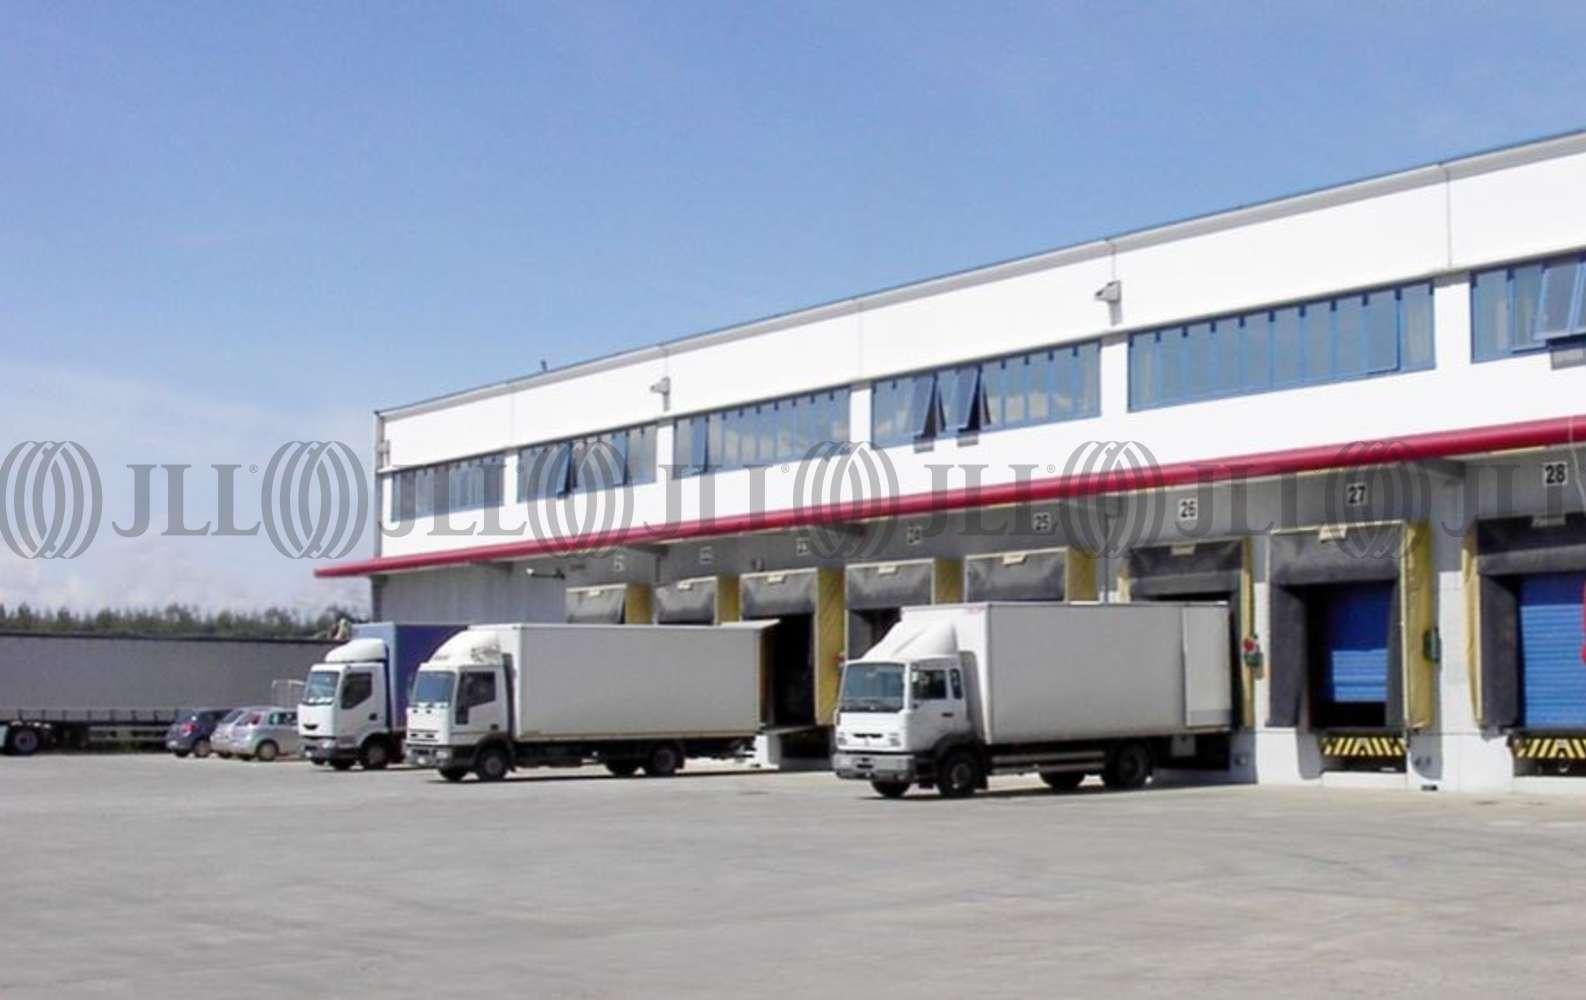 Magazzini industriali e logistici Seano, 59011 - Prato